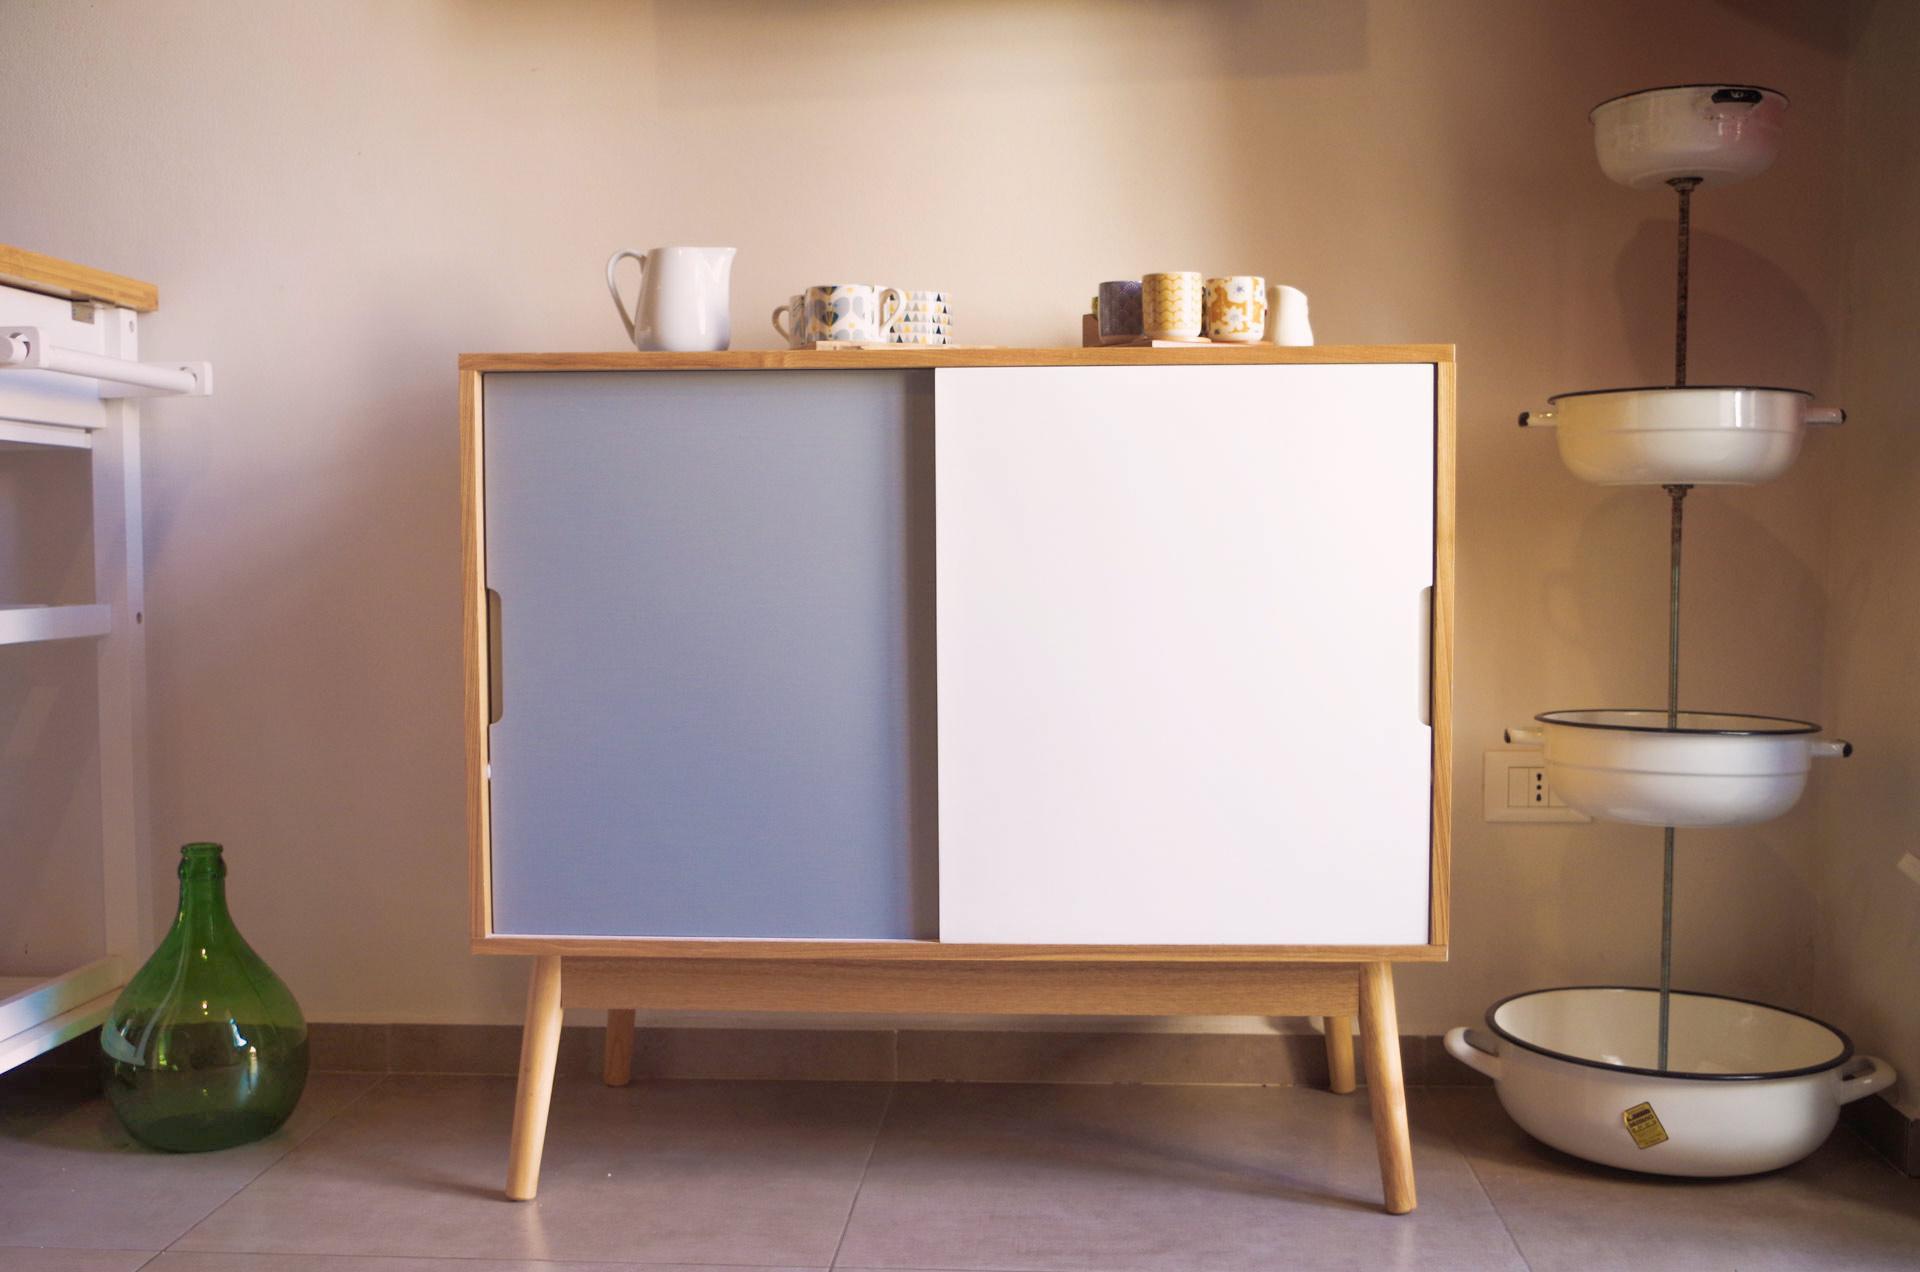 Mobile Lavabo Piu Lavatrice dimora etta – chibedda sicily